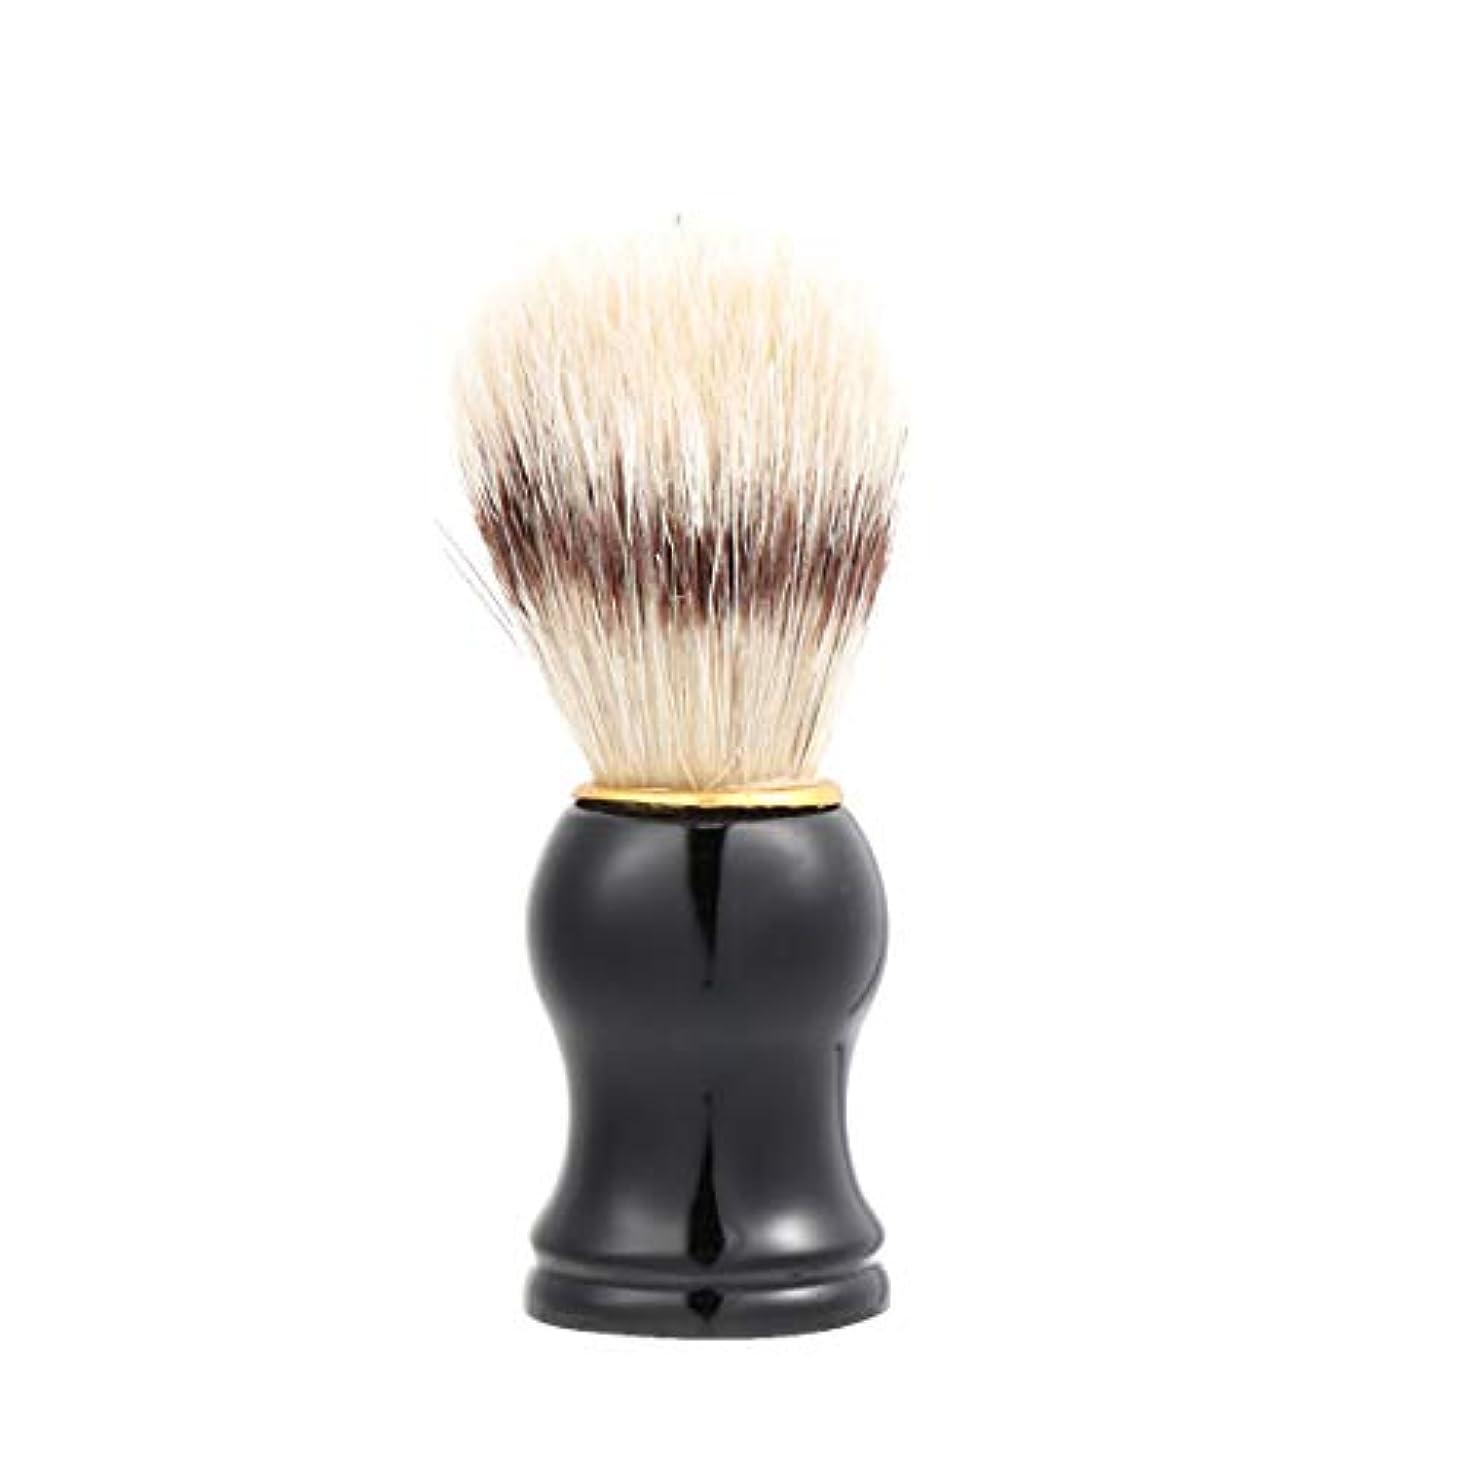 特異なモザイク裁定Lurrose 男性の剃毛ブラシ 毛髭ひげ 剃毛ブラシ ソフト フェイシャルケア ヘアクレンジングブラシ